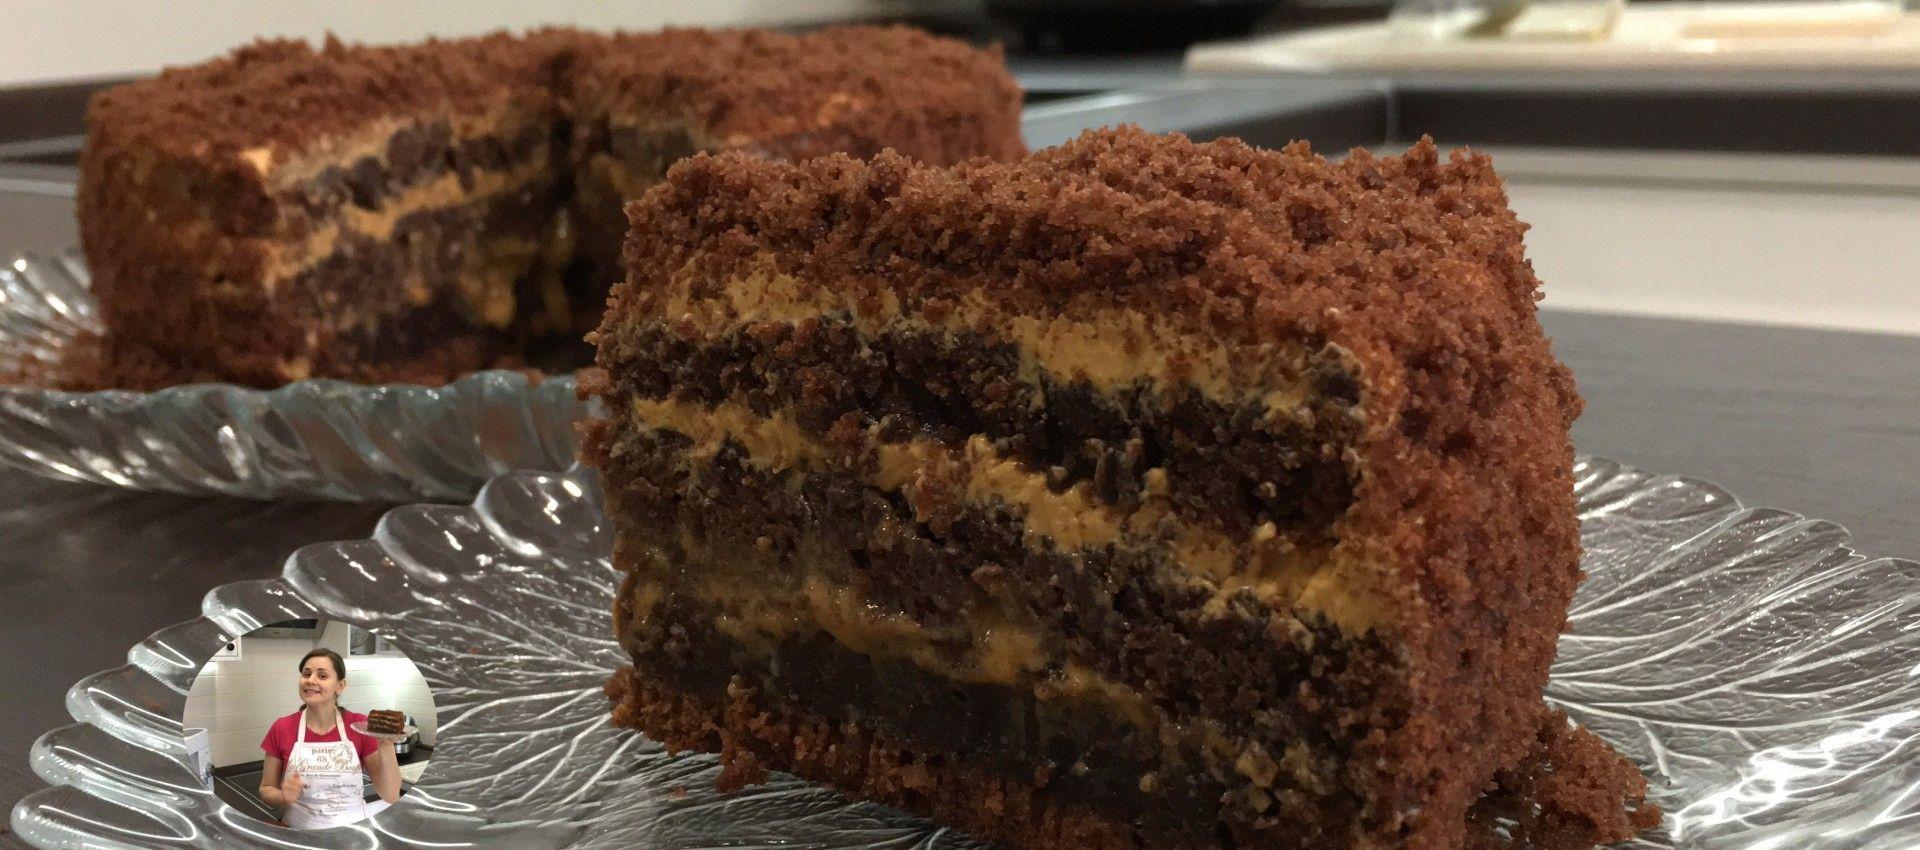 планируете оставить шоколадный торт пеле рецепт с фото пусть цветов